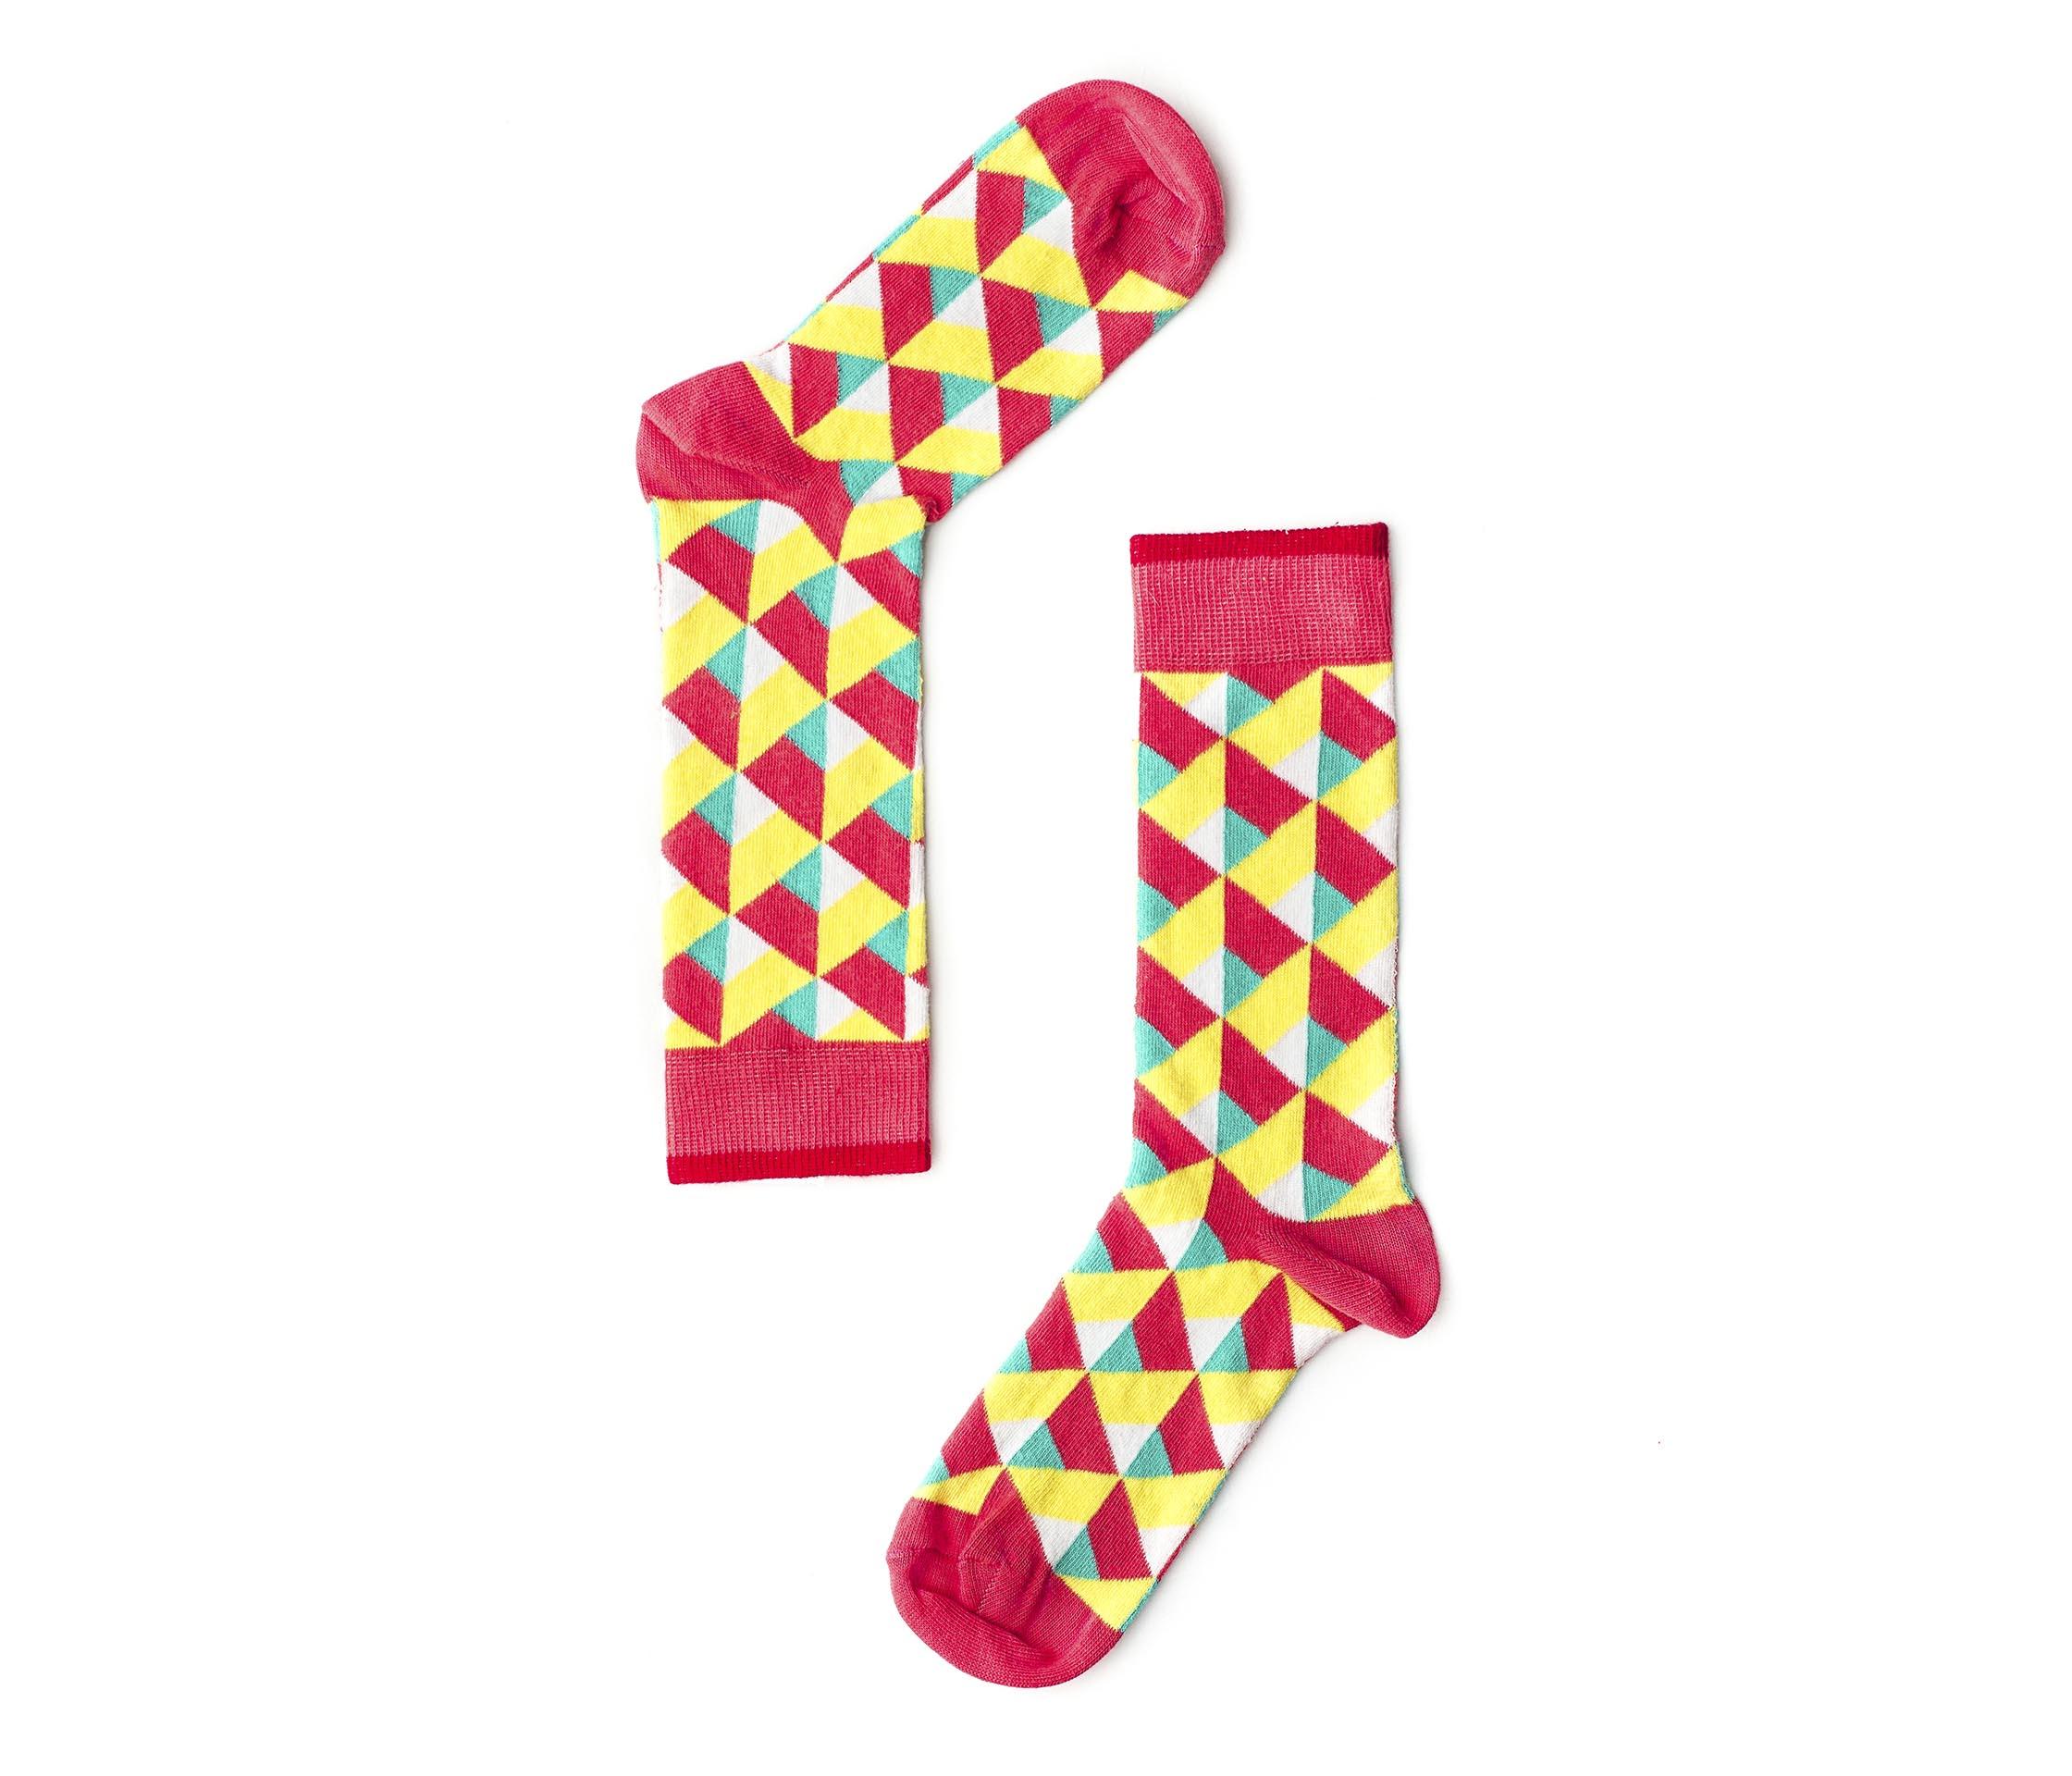 """Веселые разноцветные носки унисекс """"Illusion pink """" Sammy Icon"""